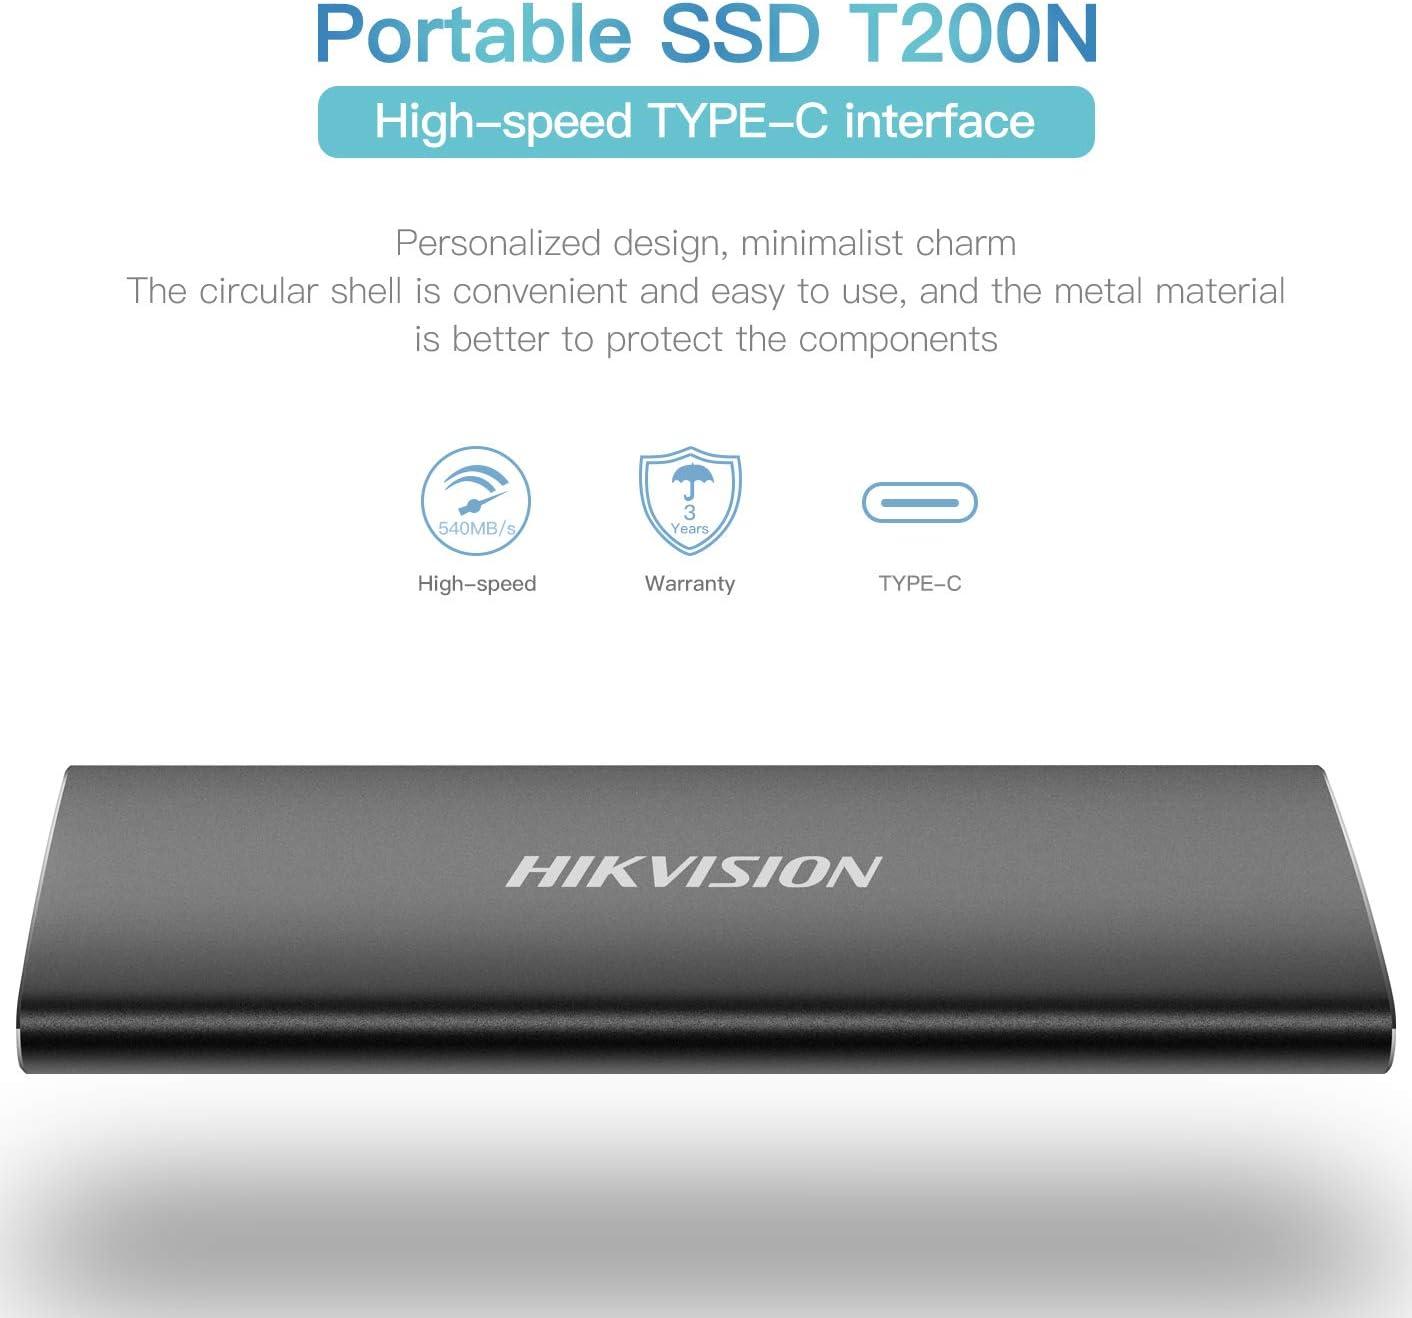 HIKVISION Disque Dur Externe SSD Portable Ultra Mince de 256 Go T200N Alliage daluminium USB 3.1 Gen 2 jusqu/à 540 M//s